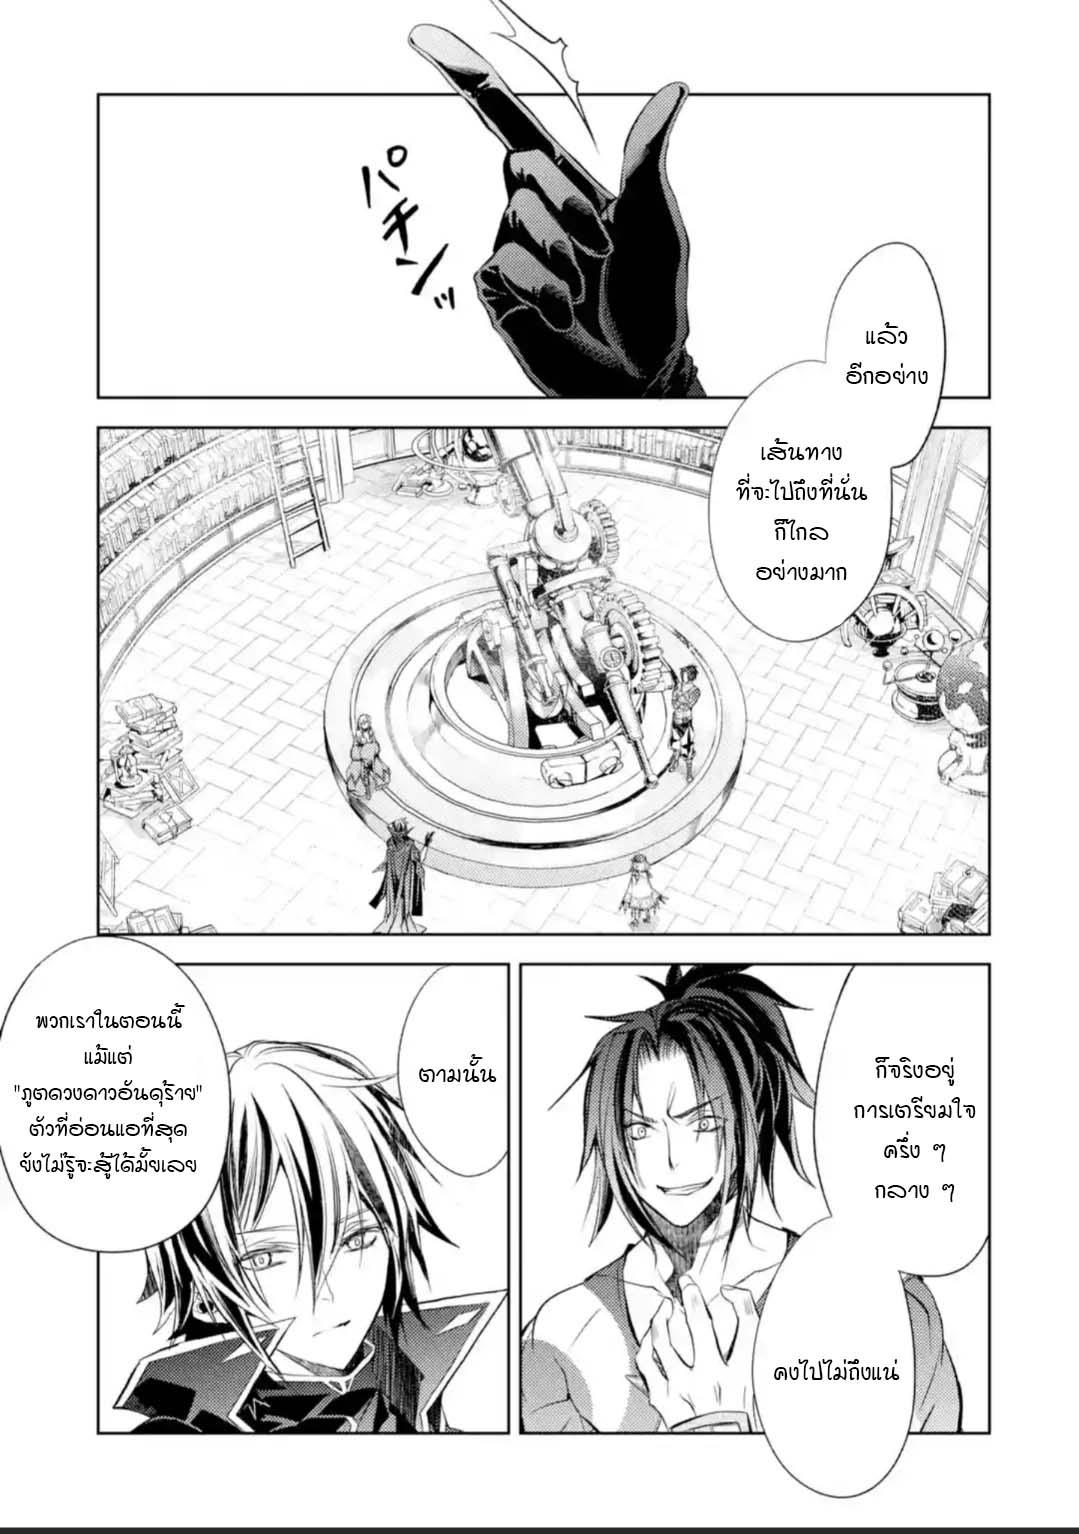 อ่านการ์ตูน Senmetsumadou no Saikyokenja ตอนที่ 8.2 หน้าที่ 6